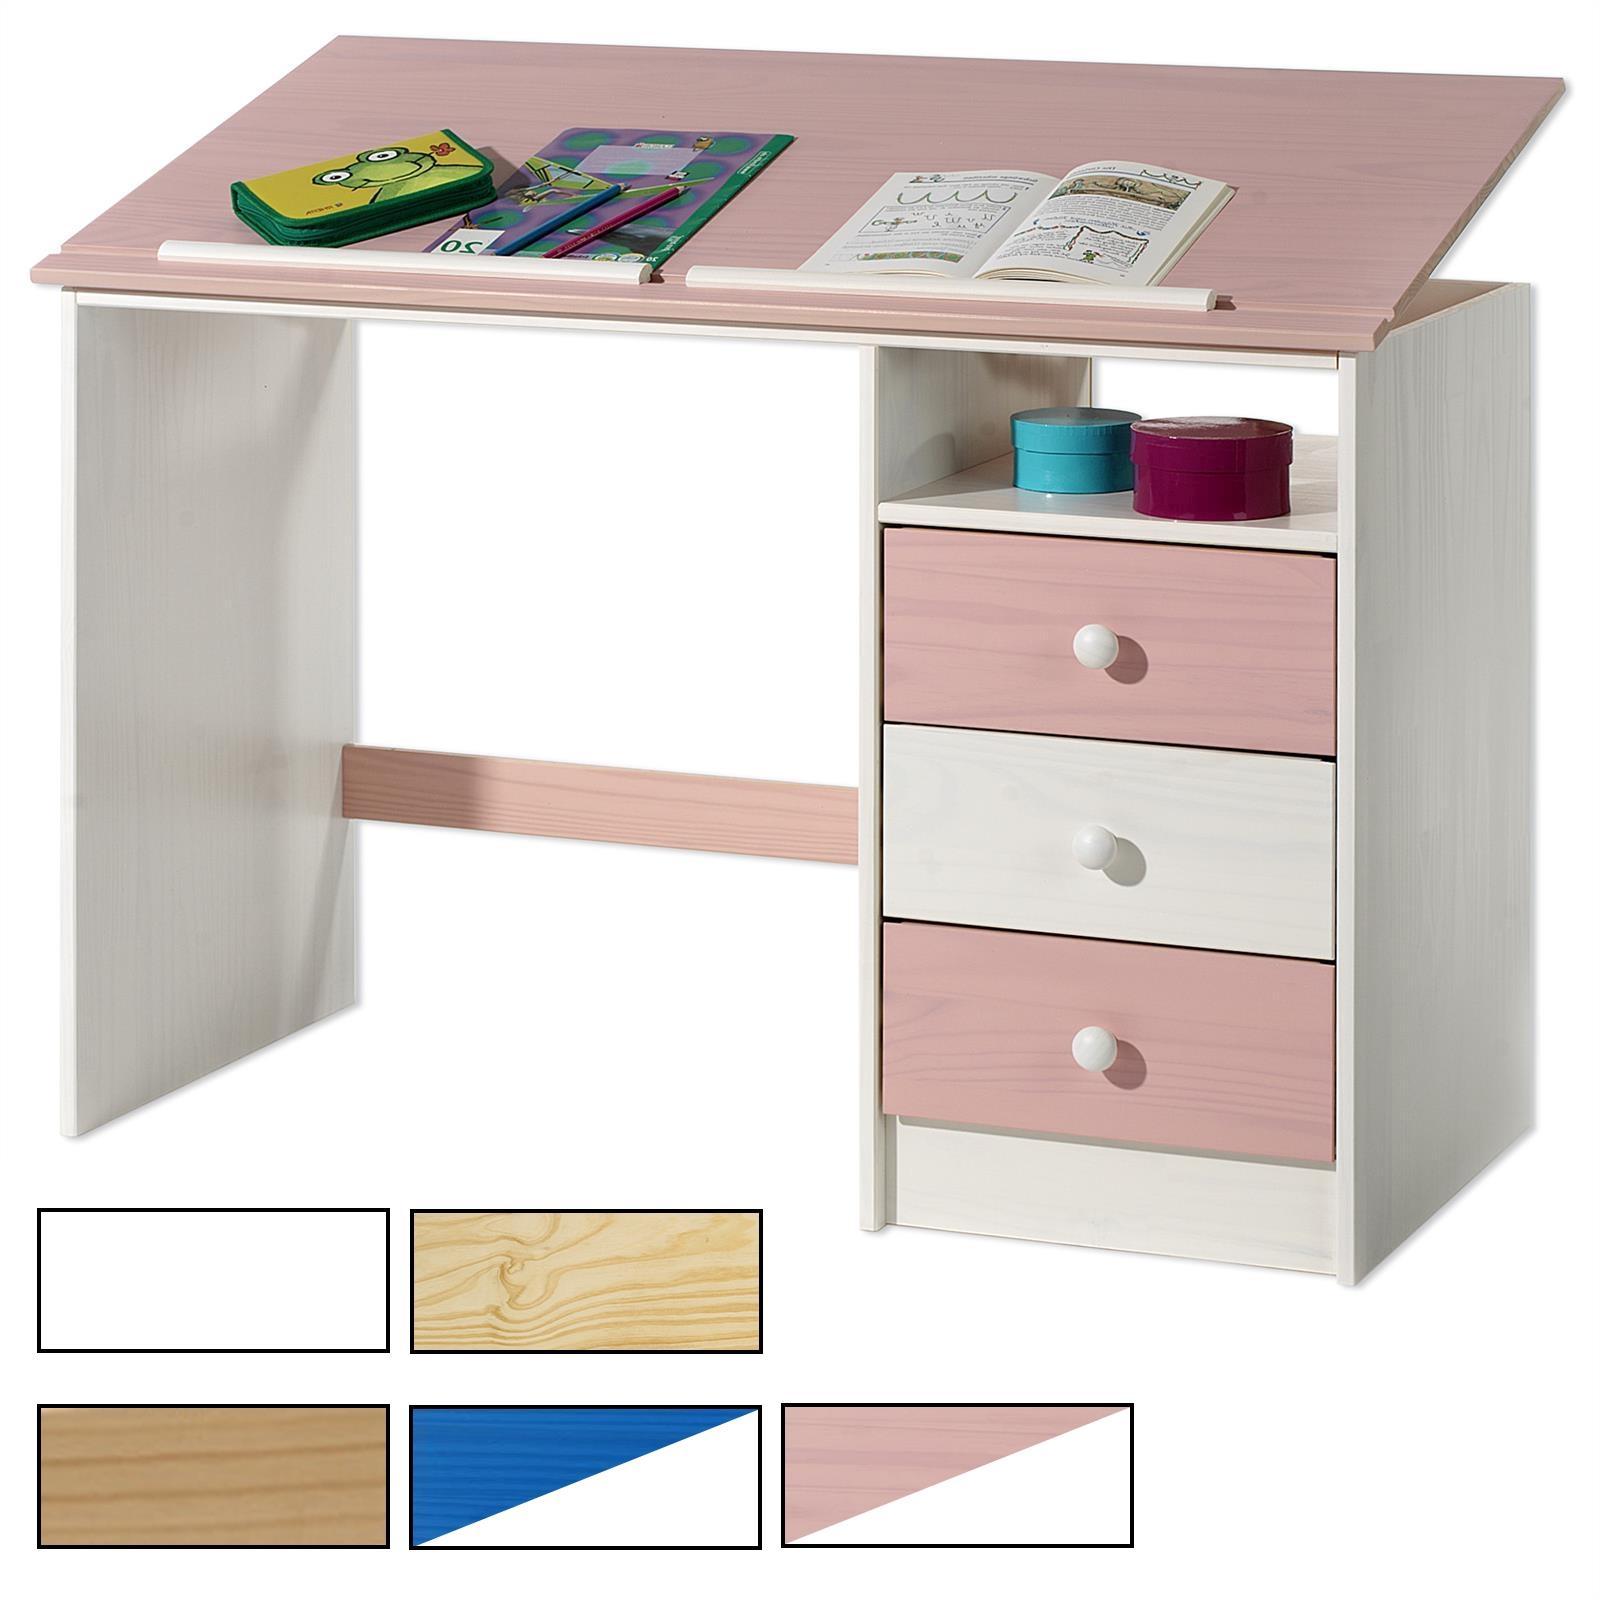 neigungsverstellbarer kinderschreibtisch flint in verschiedenen farben caro m bel. Black Bedroom Furniture Sets. Home Design Ideas